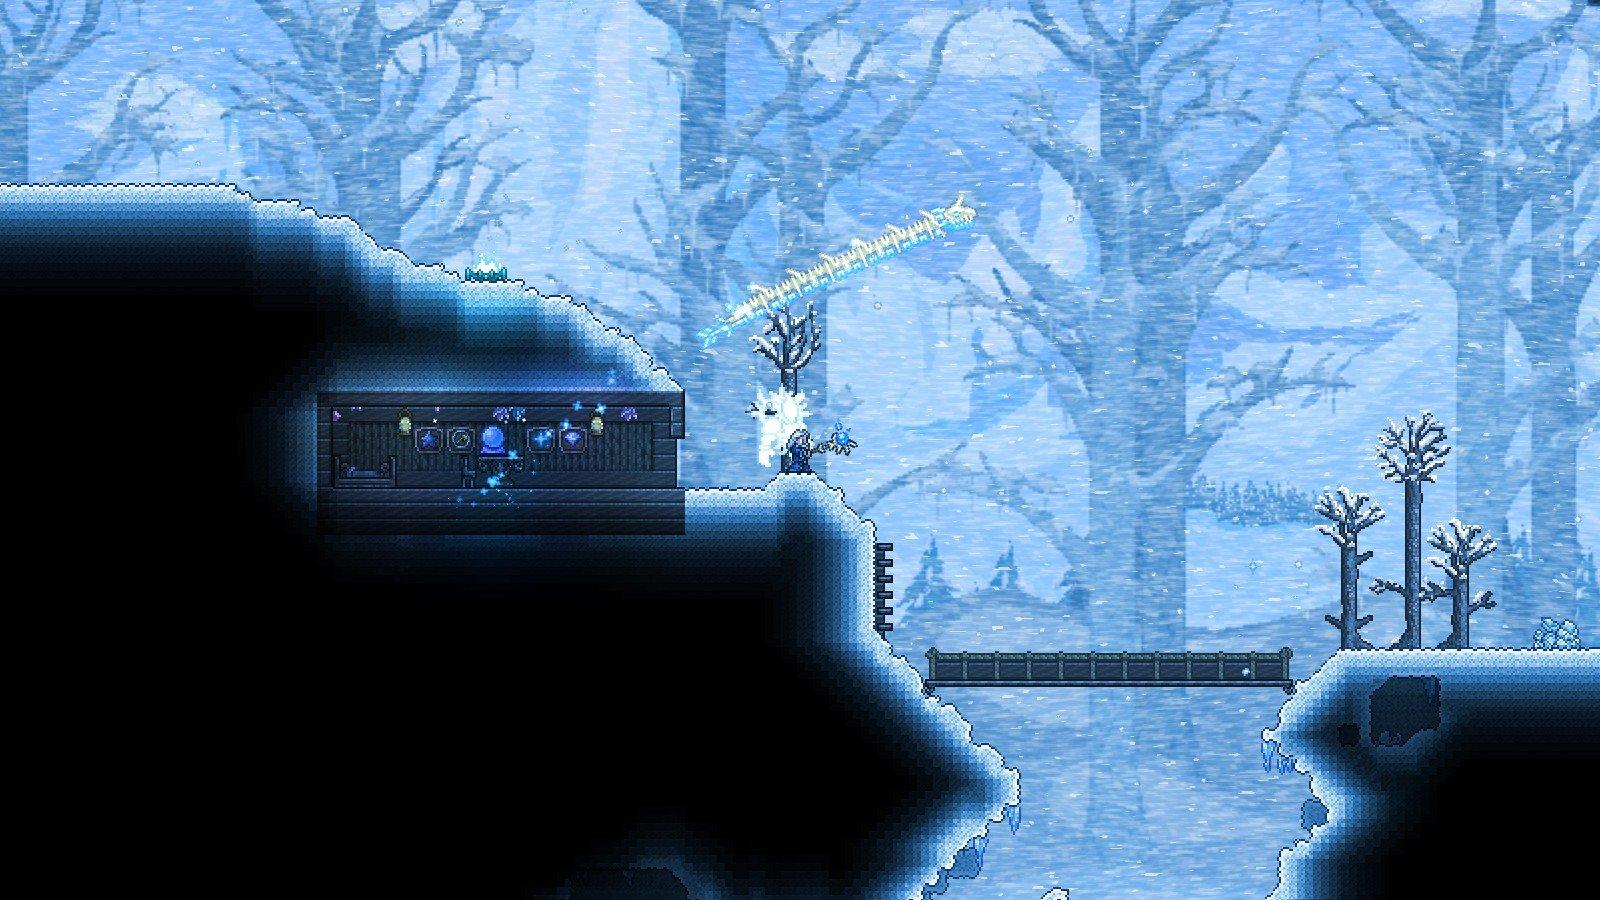 Screenshot for the game Terraria v.1.4.1.2 [GOG] (2011) скачать торрент Лицензия